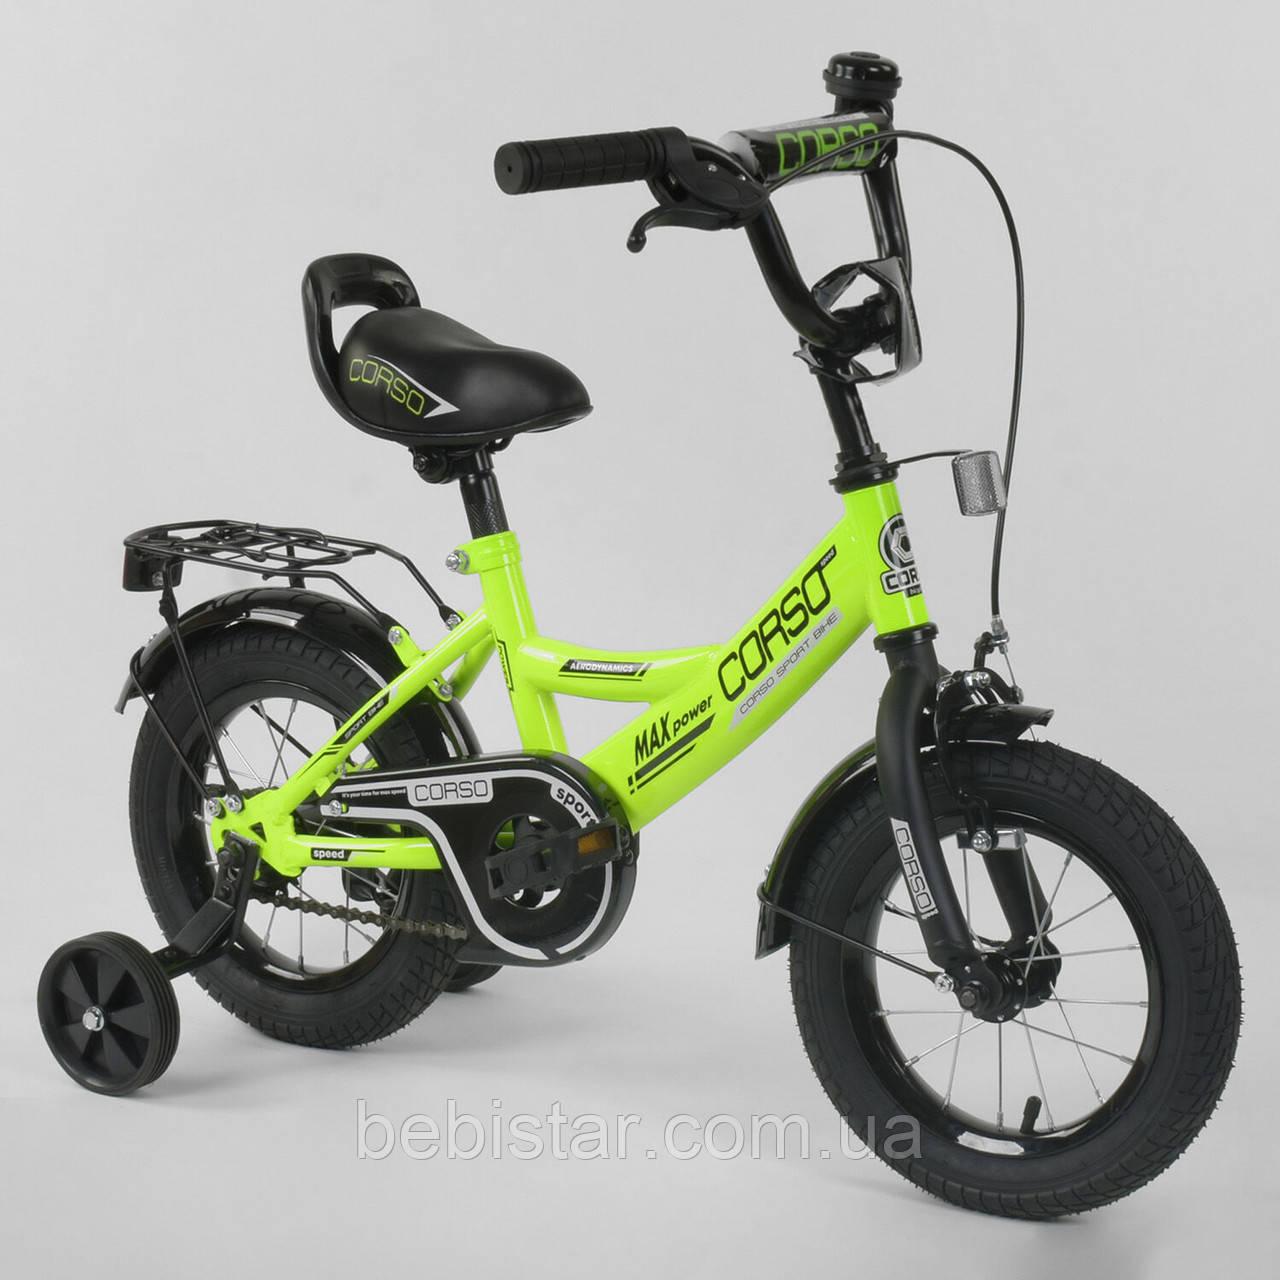 """Двухколесный детский велосипед салатовый Corso 12"""" звоночек багажник с зажимом деткам 3-4 года"""